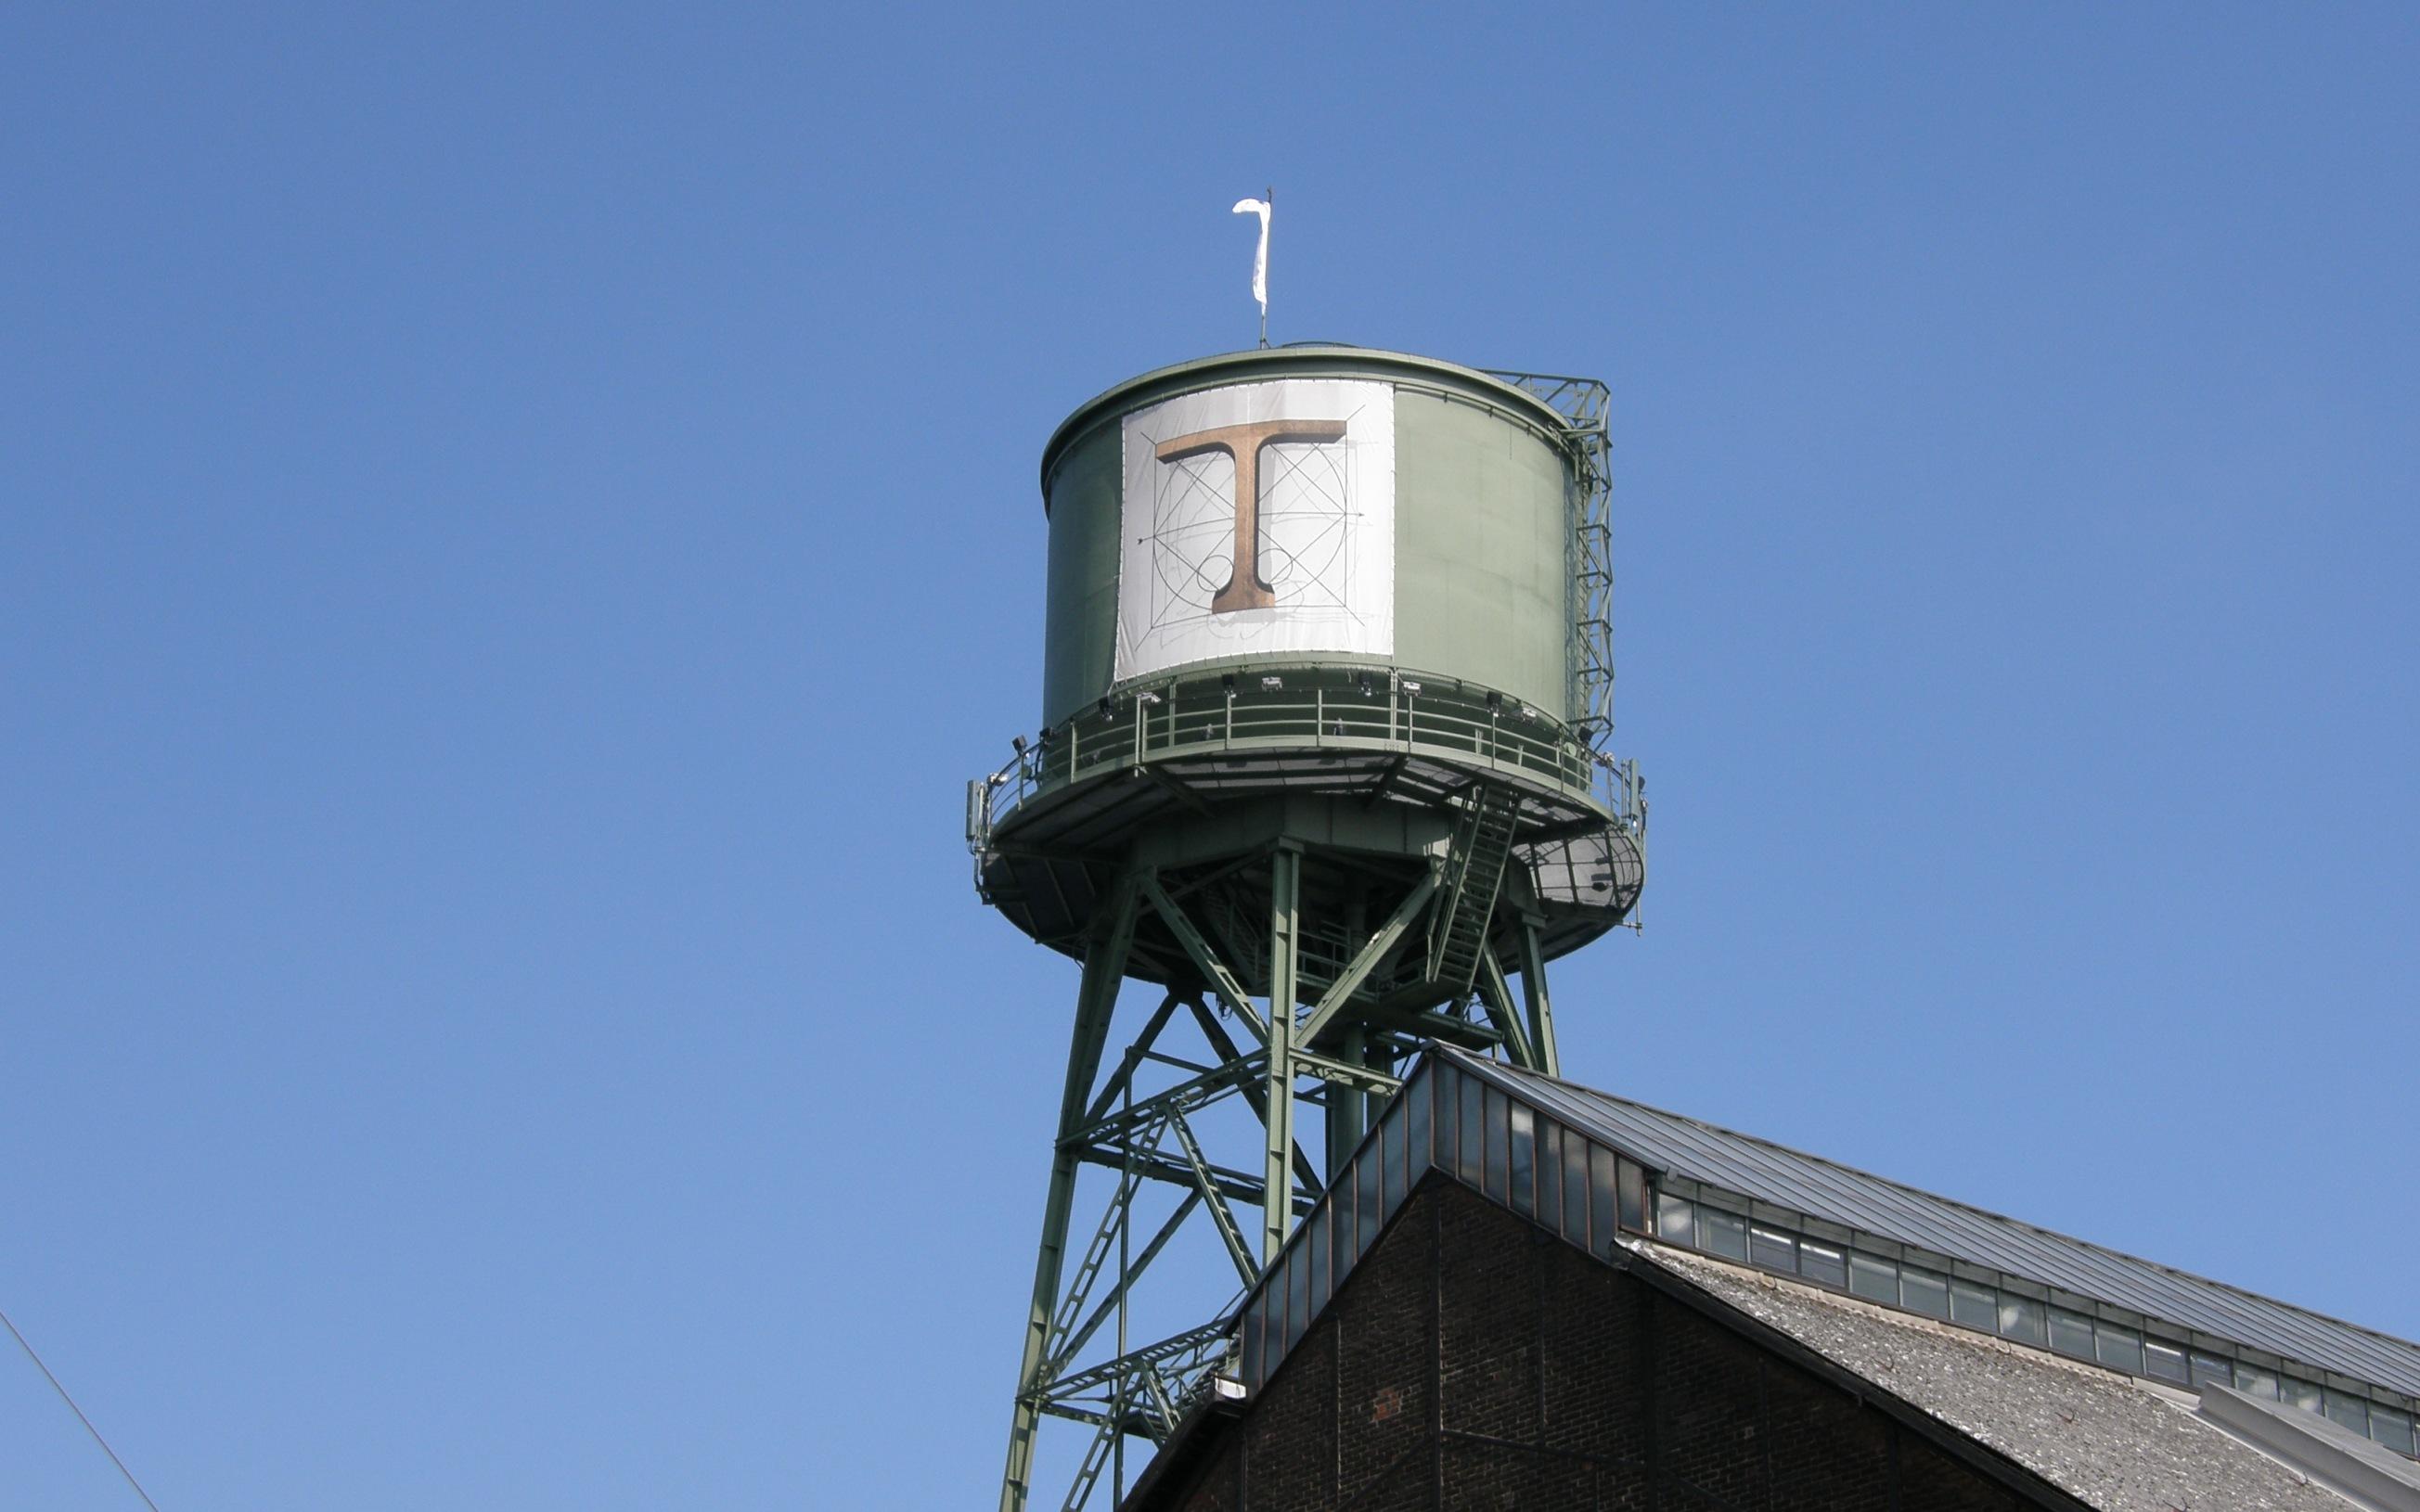 Jahrhunderthalle in Bochum Wasserturm mit Plakat der Ruhrtrienale